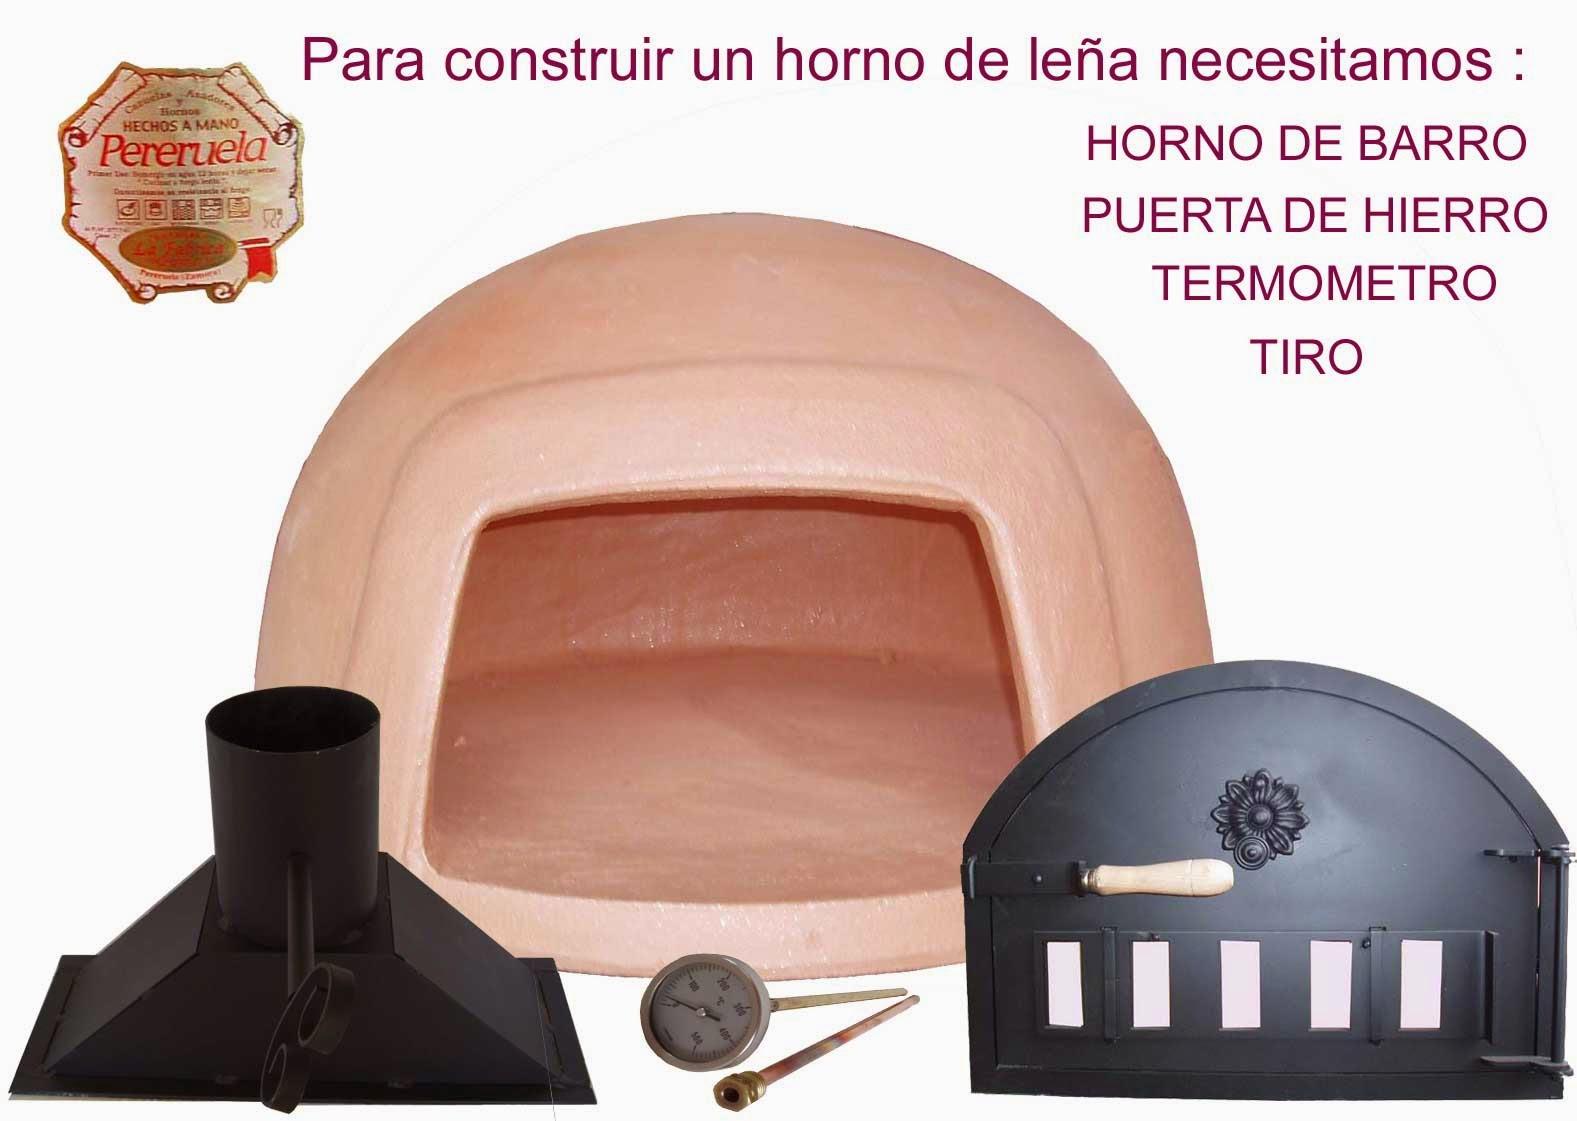 La fabrica de pereruela como hacer un horno for Como hacer un horno de lena de hierro